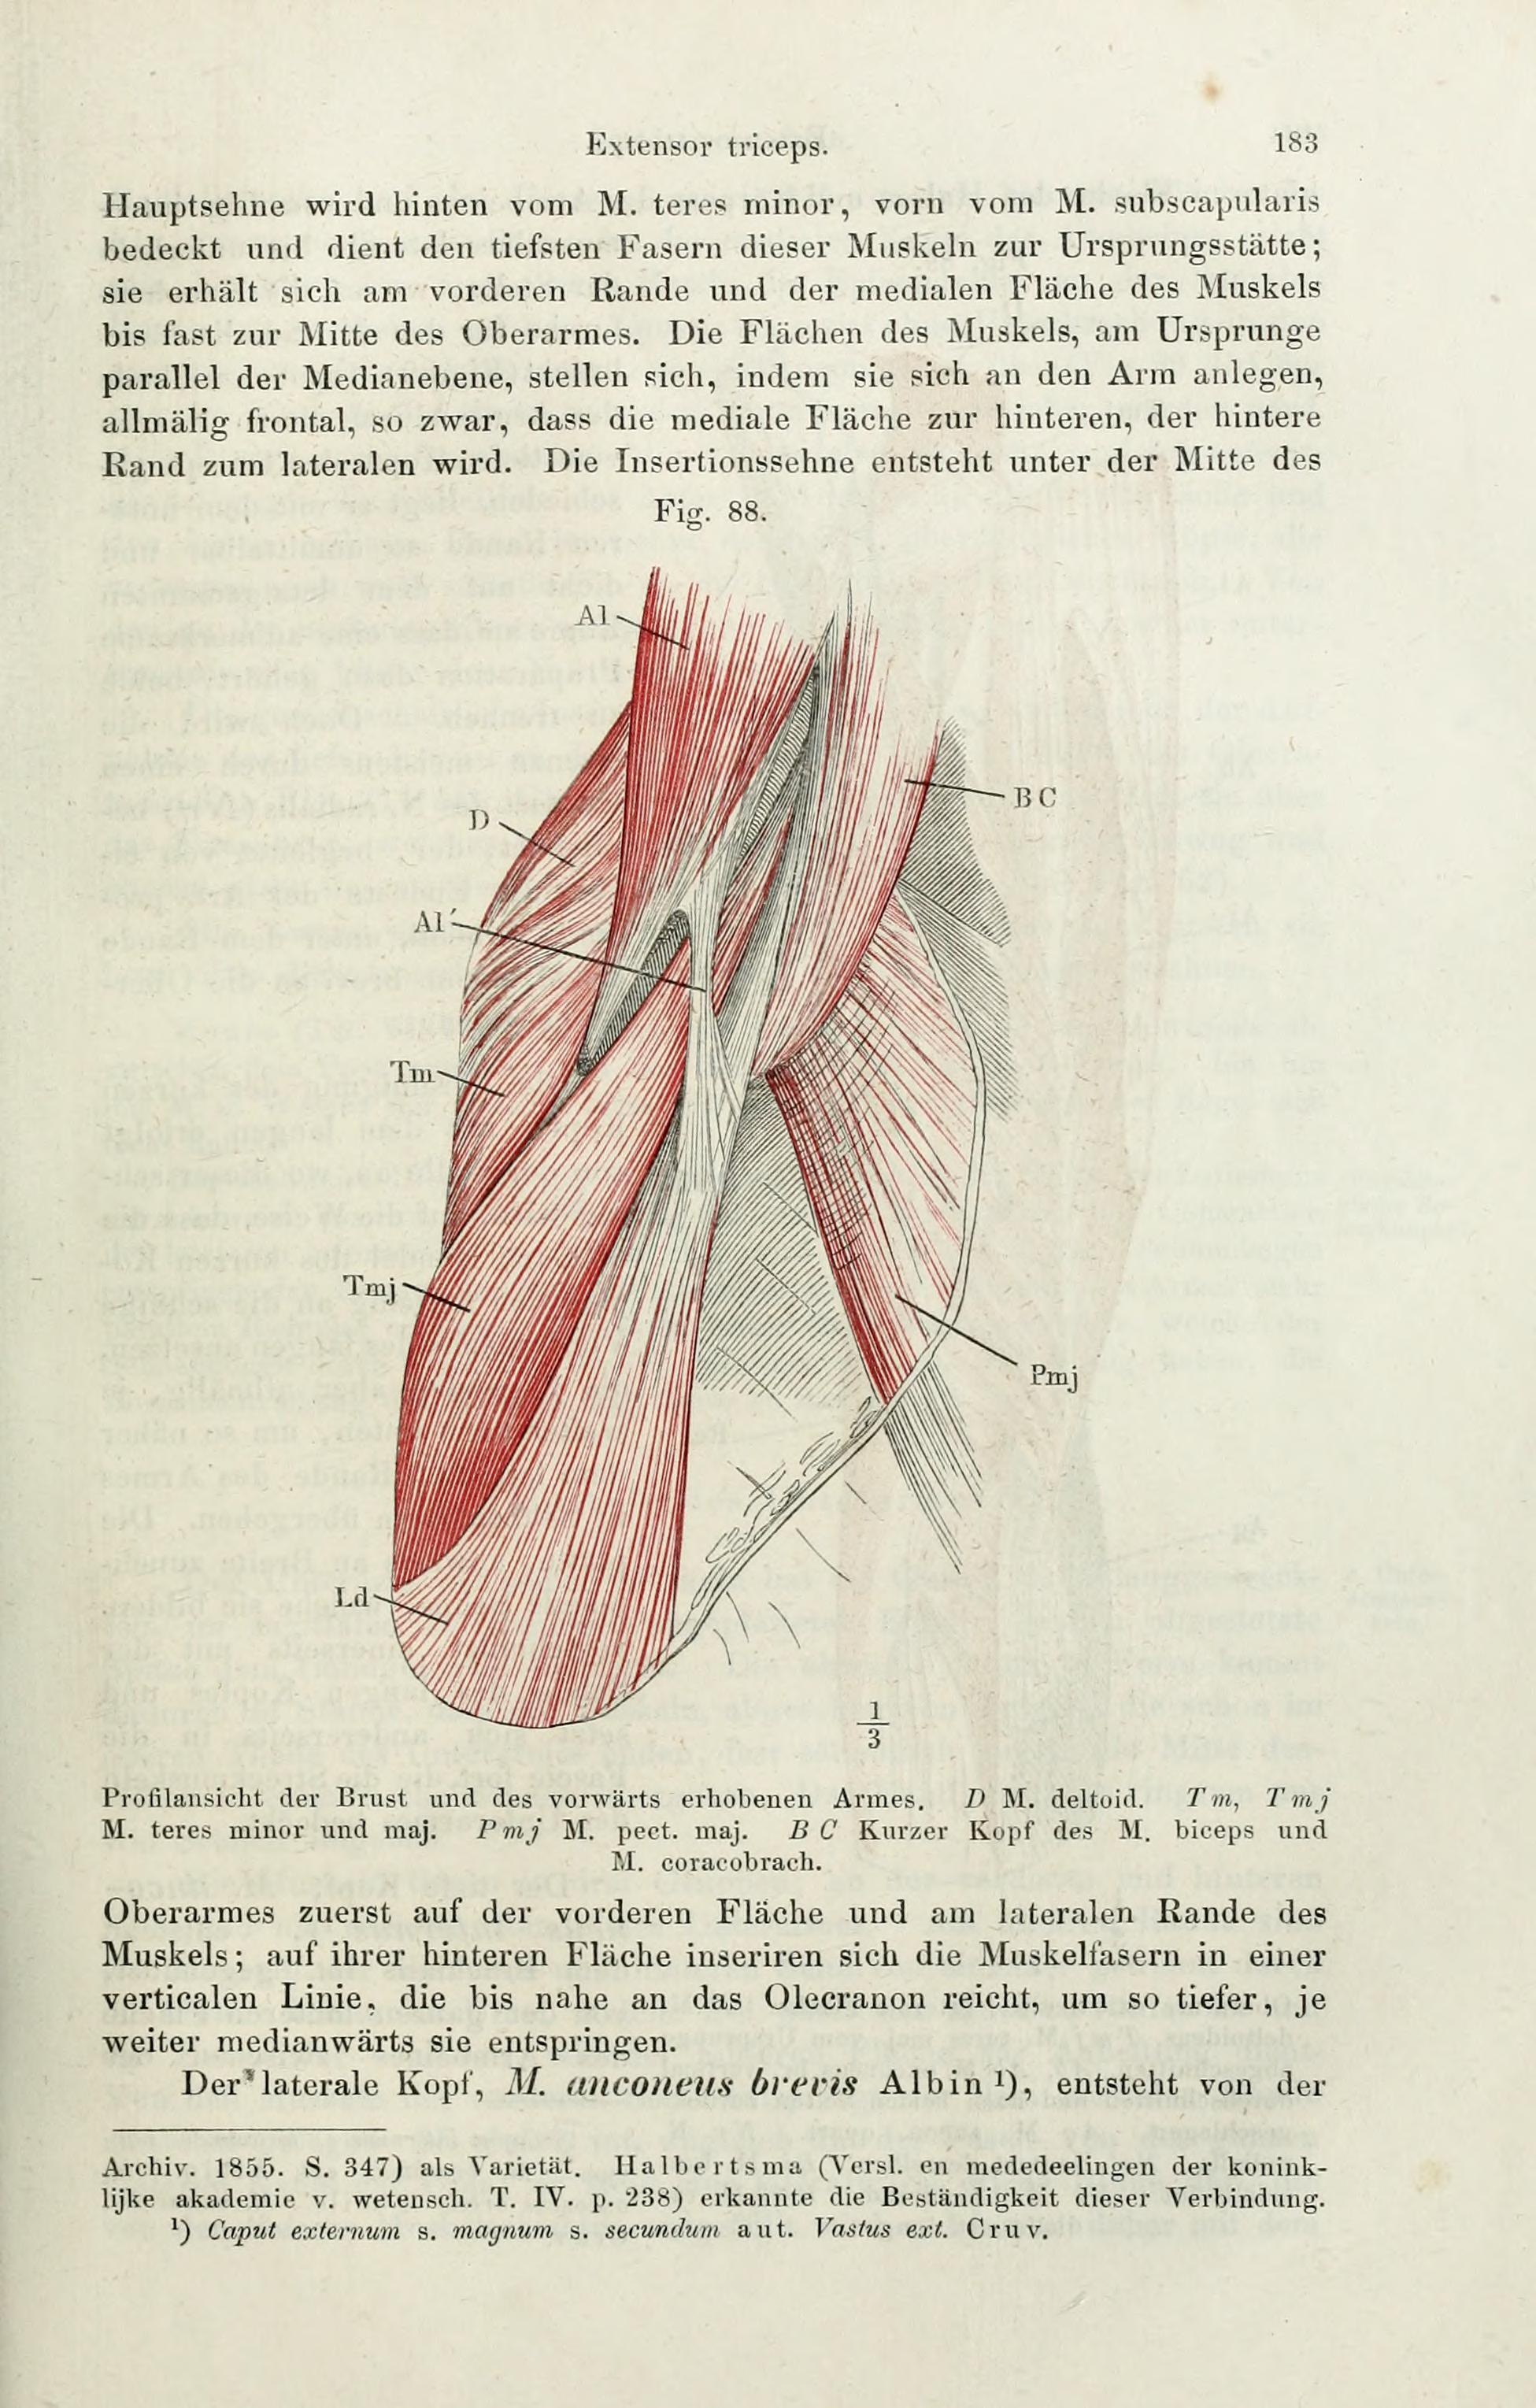 File:Handbuch der systematischen Anatomie des Menschen (Page 183 ...